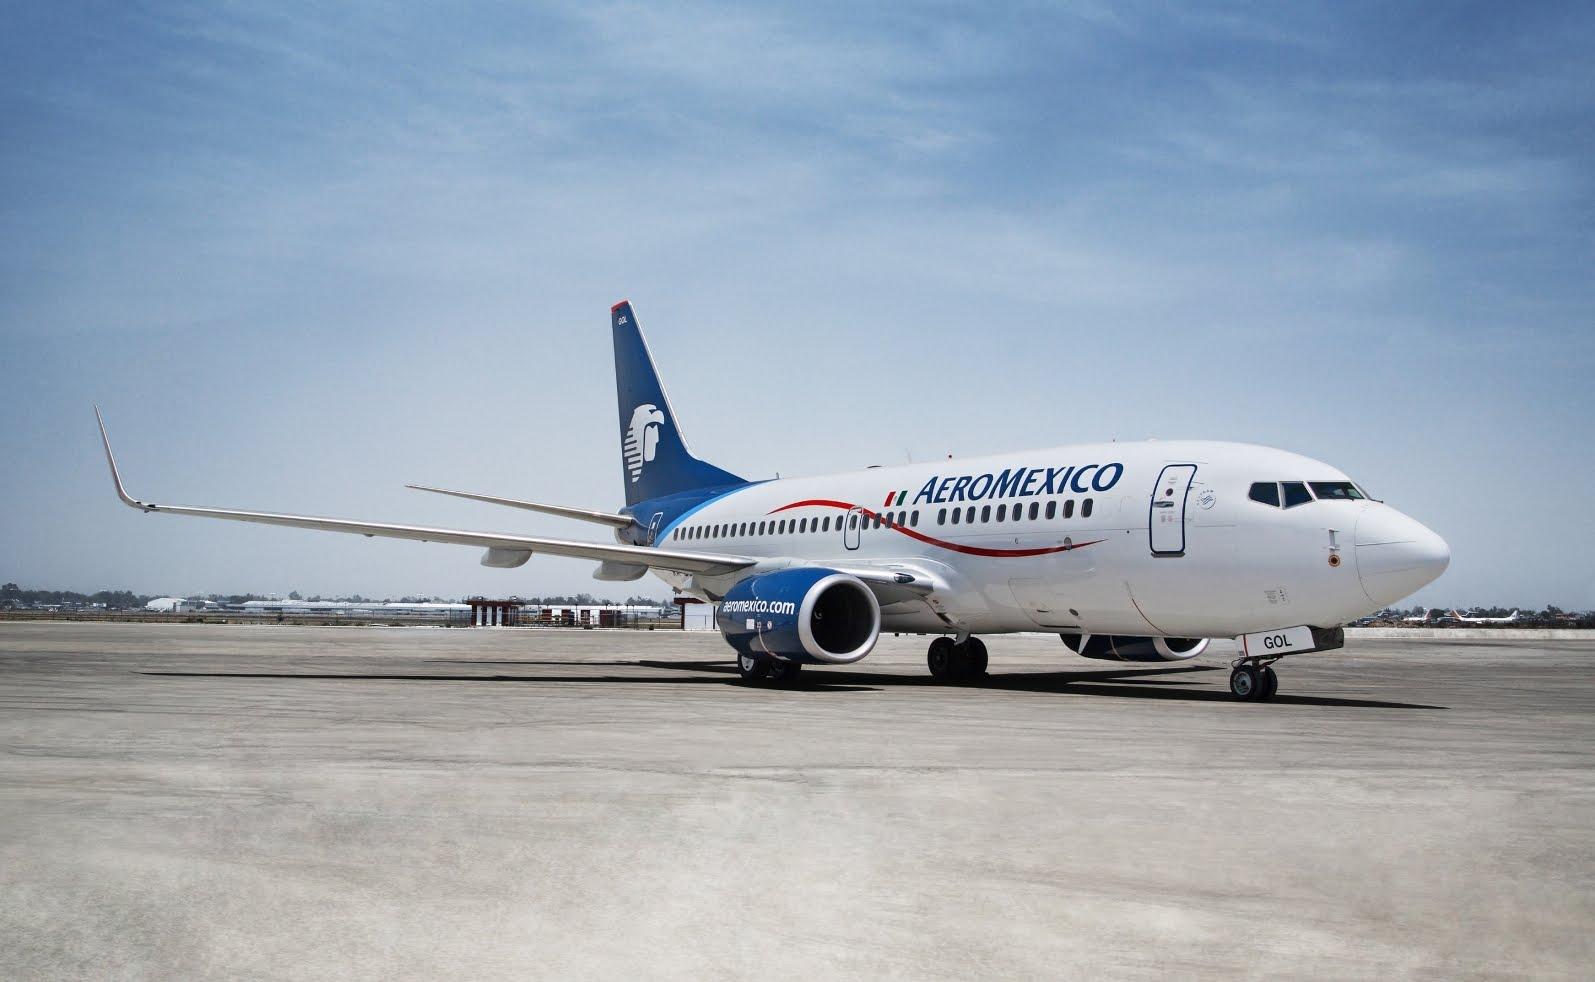 Aeromexico-aircraft-image-resized